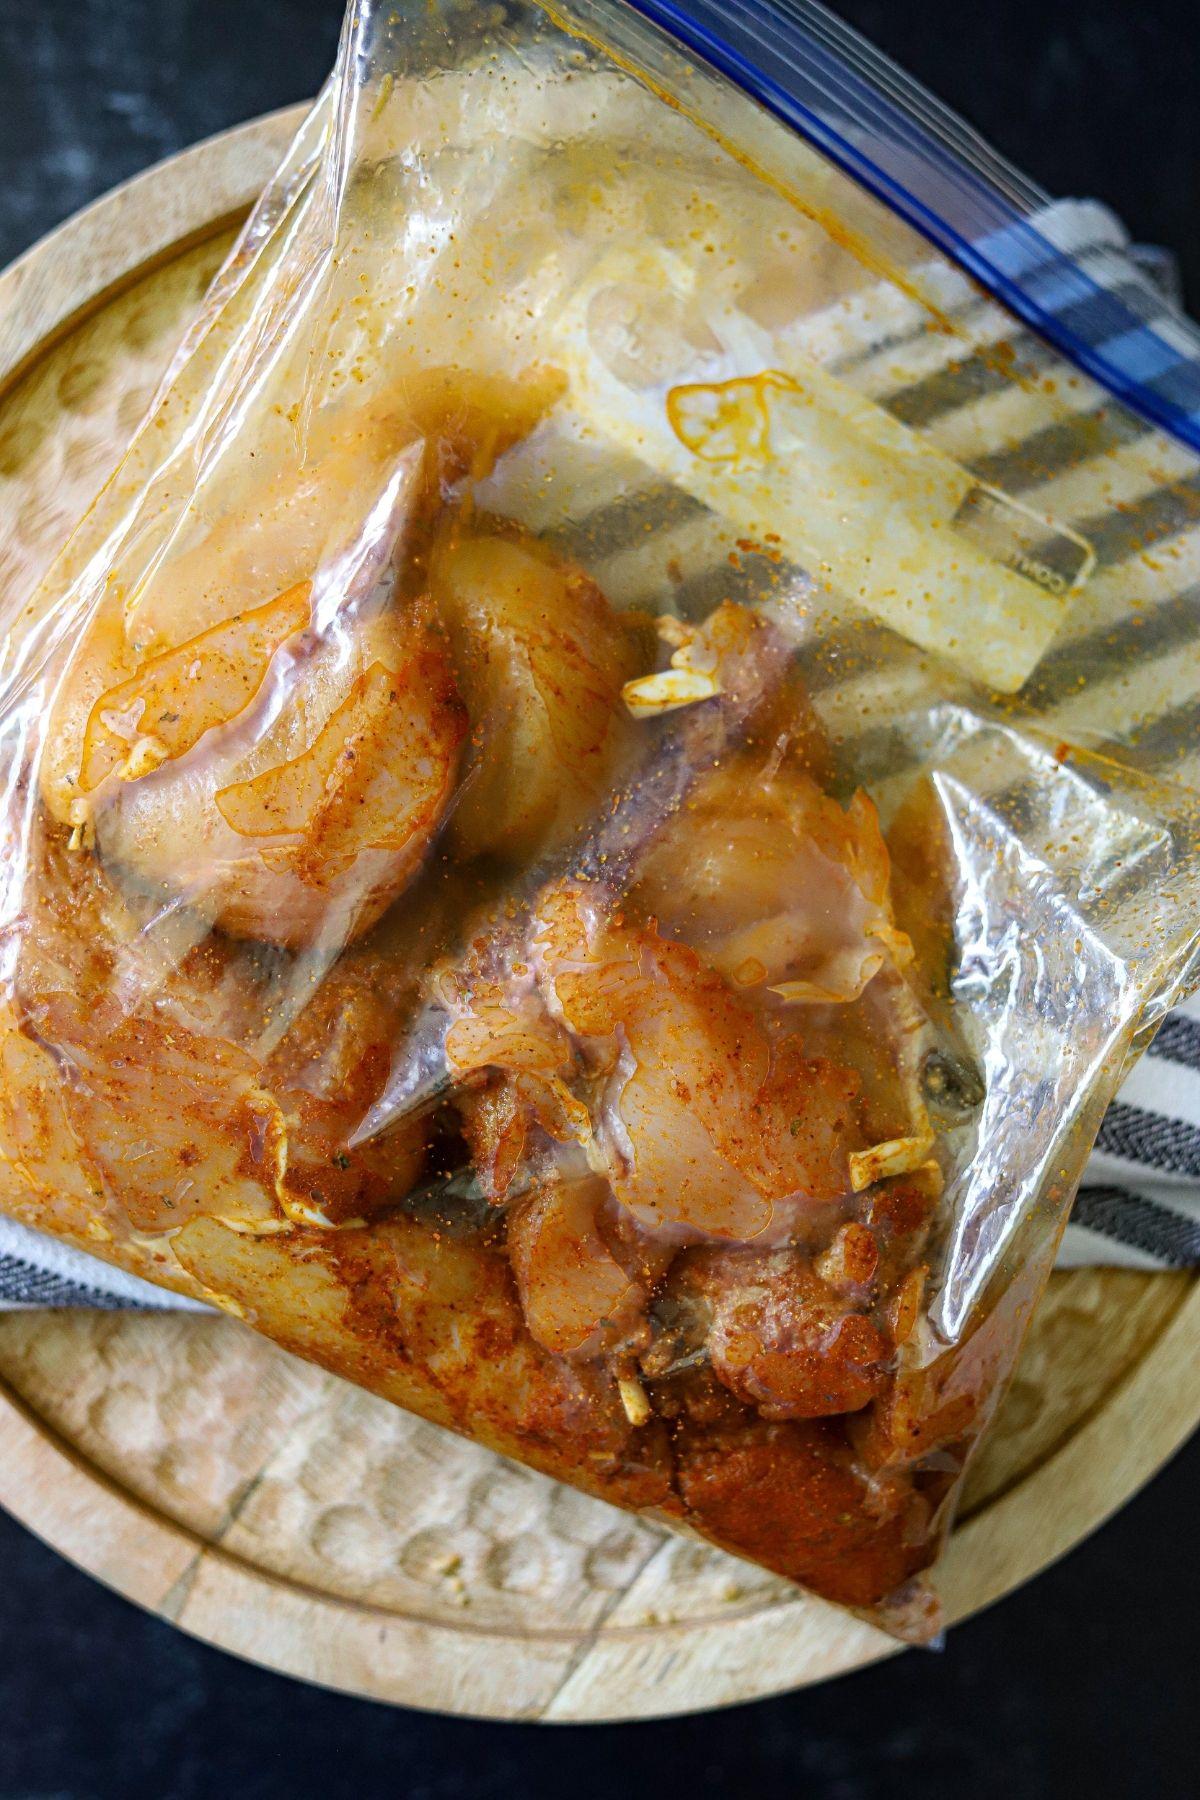 Raw chicken tenders coated in seasoning in a large ziplock bag